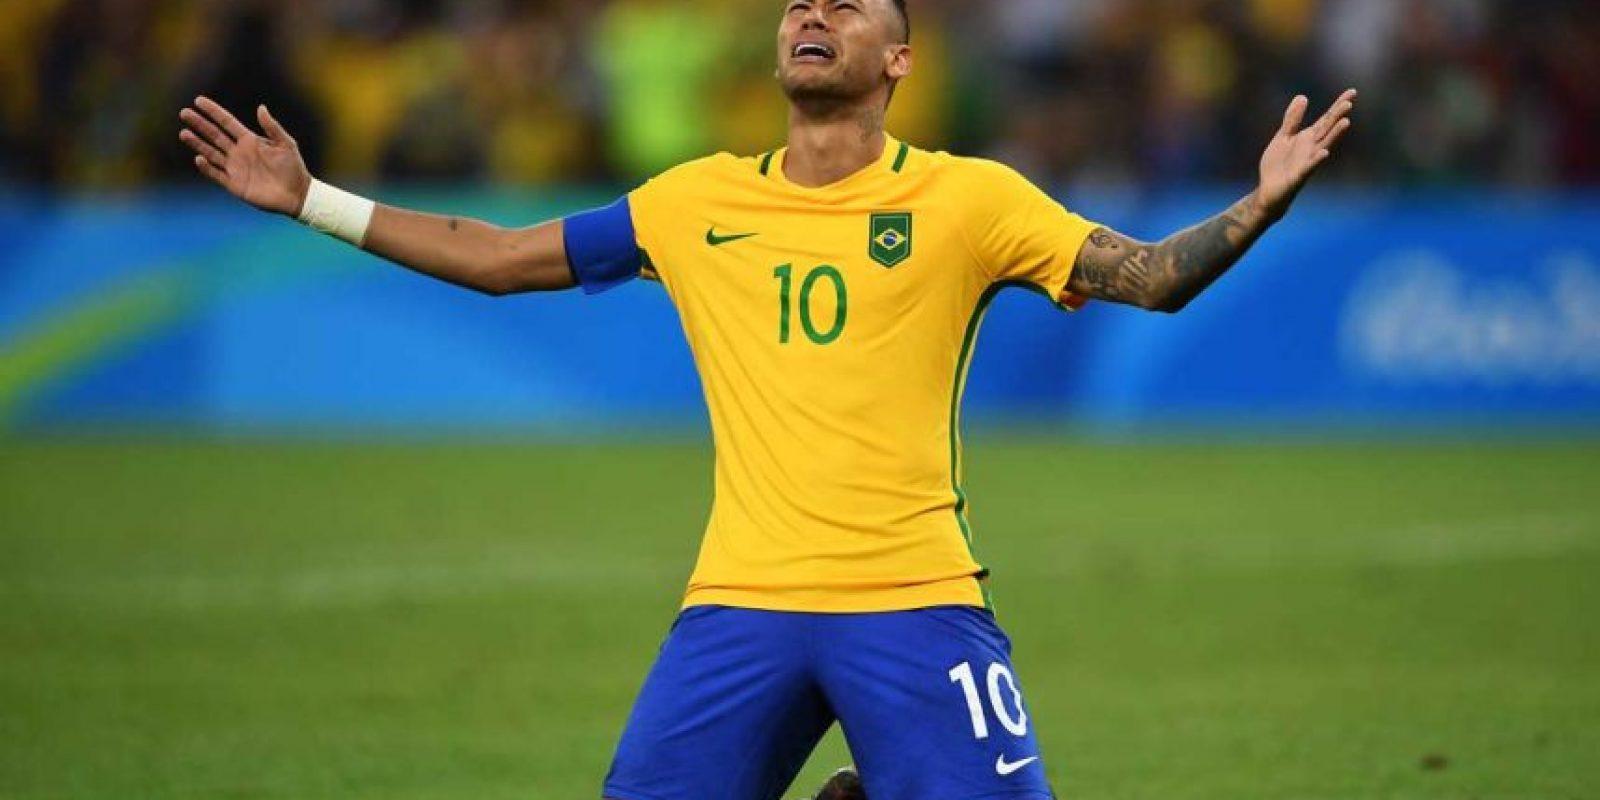 Brasil por fin pudo ganar la medalla de oro en fútbol en los Juegos Olímpicos. Foto:Getty Images